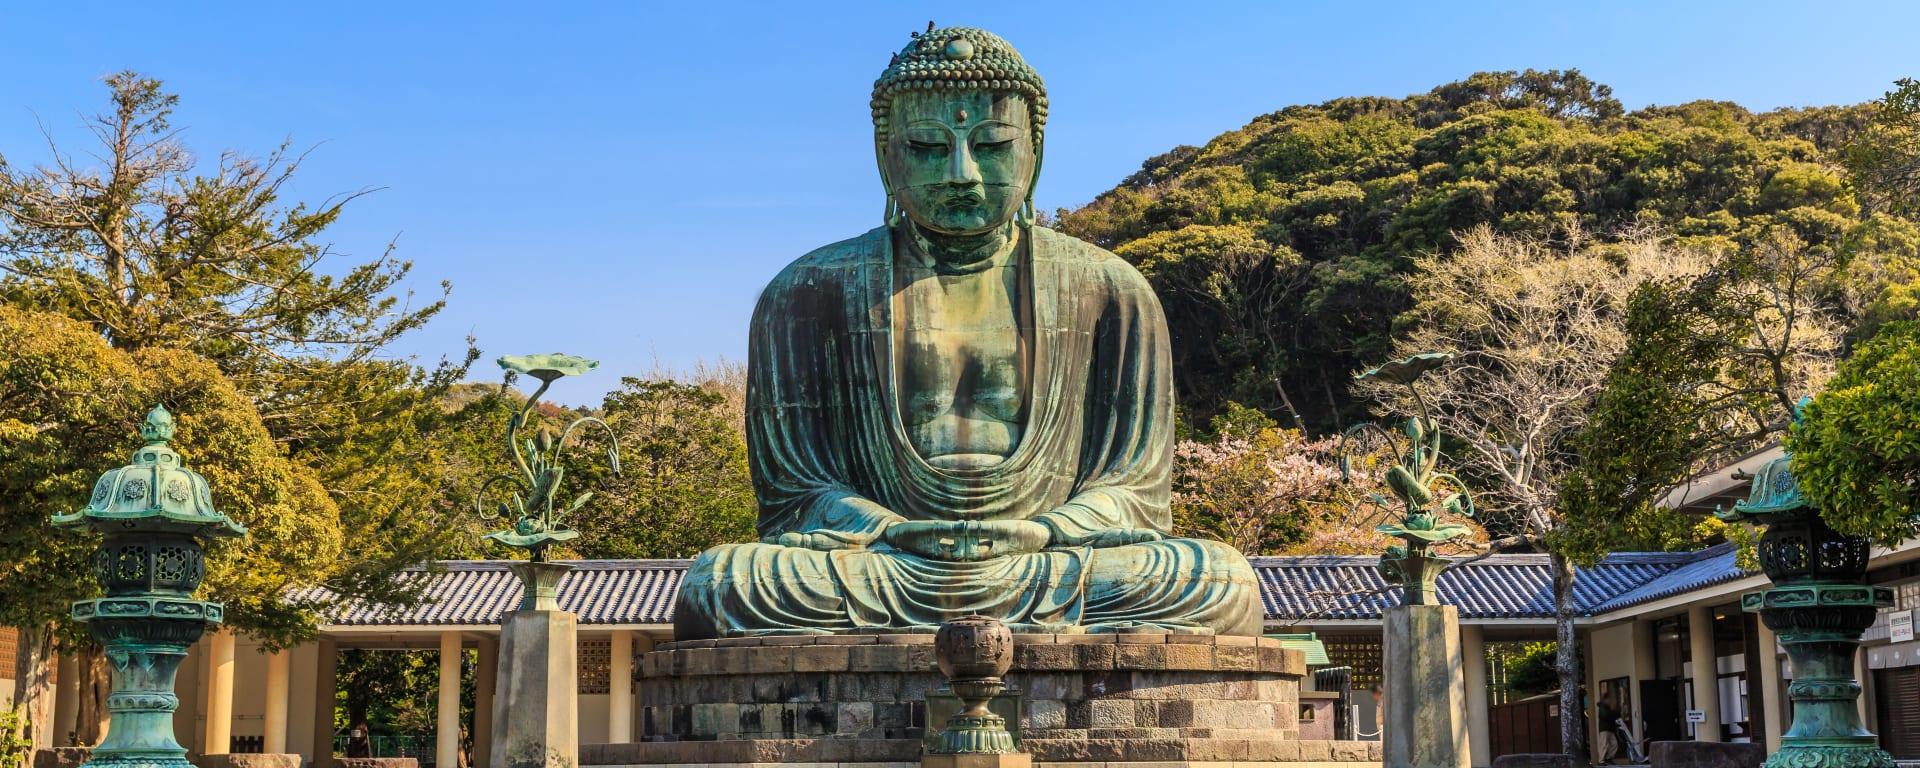 Japan entdecken mit Tischler Reisen: Japan Kamakura Grosser Buddha